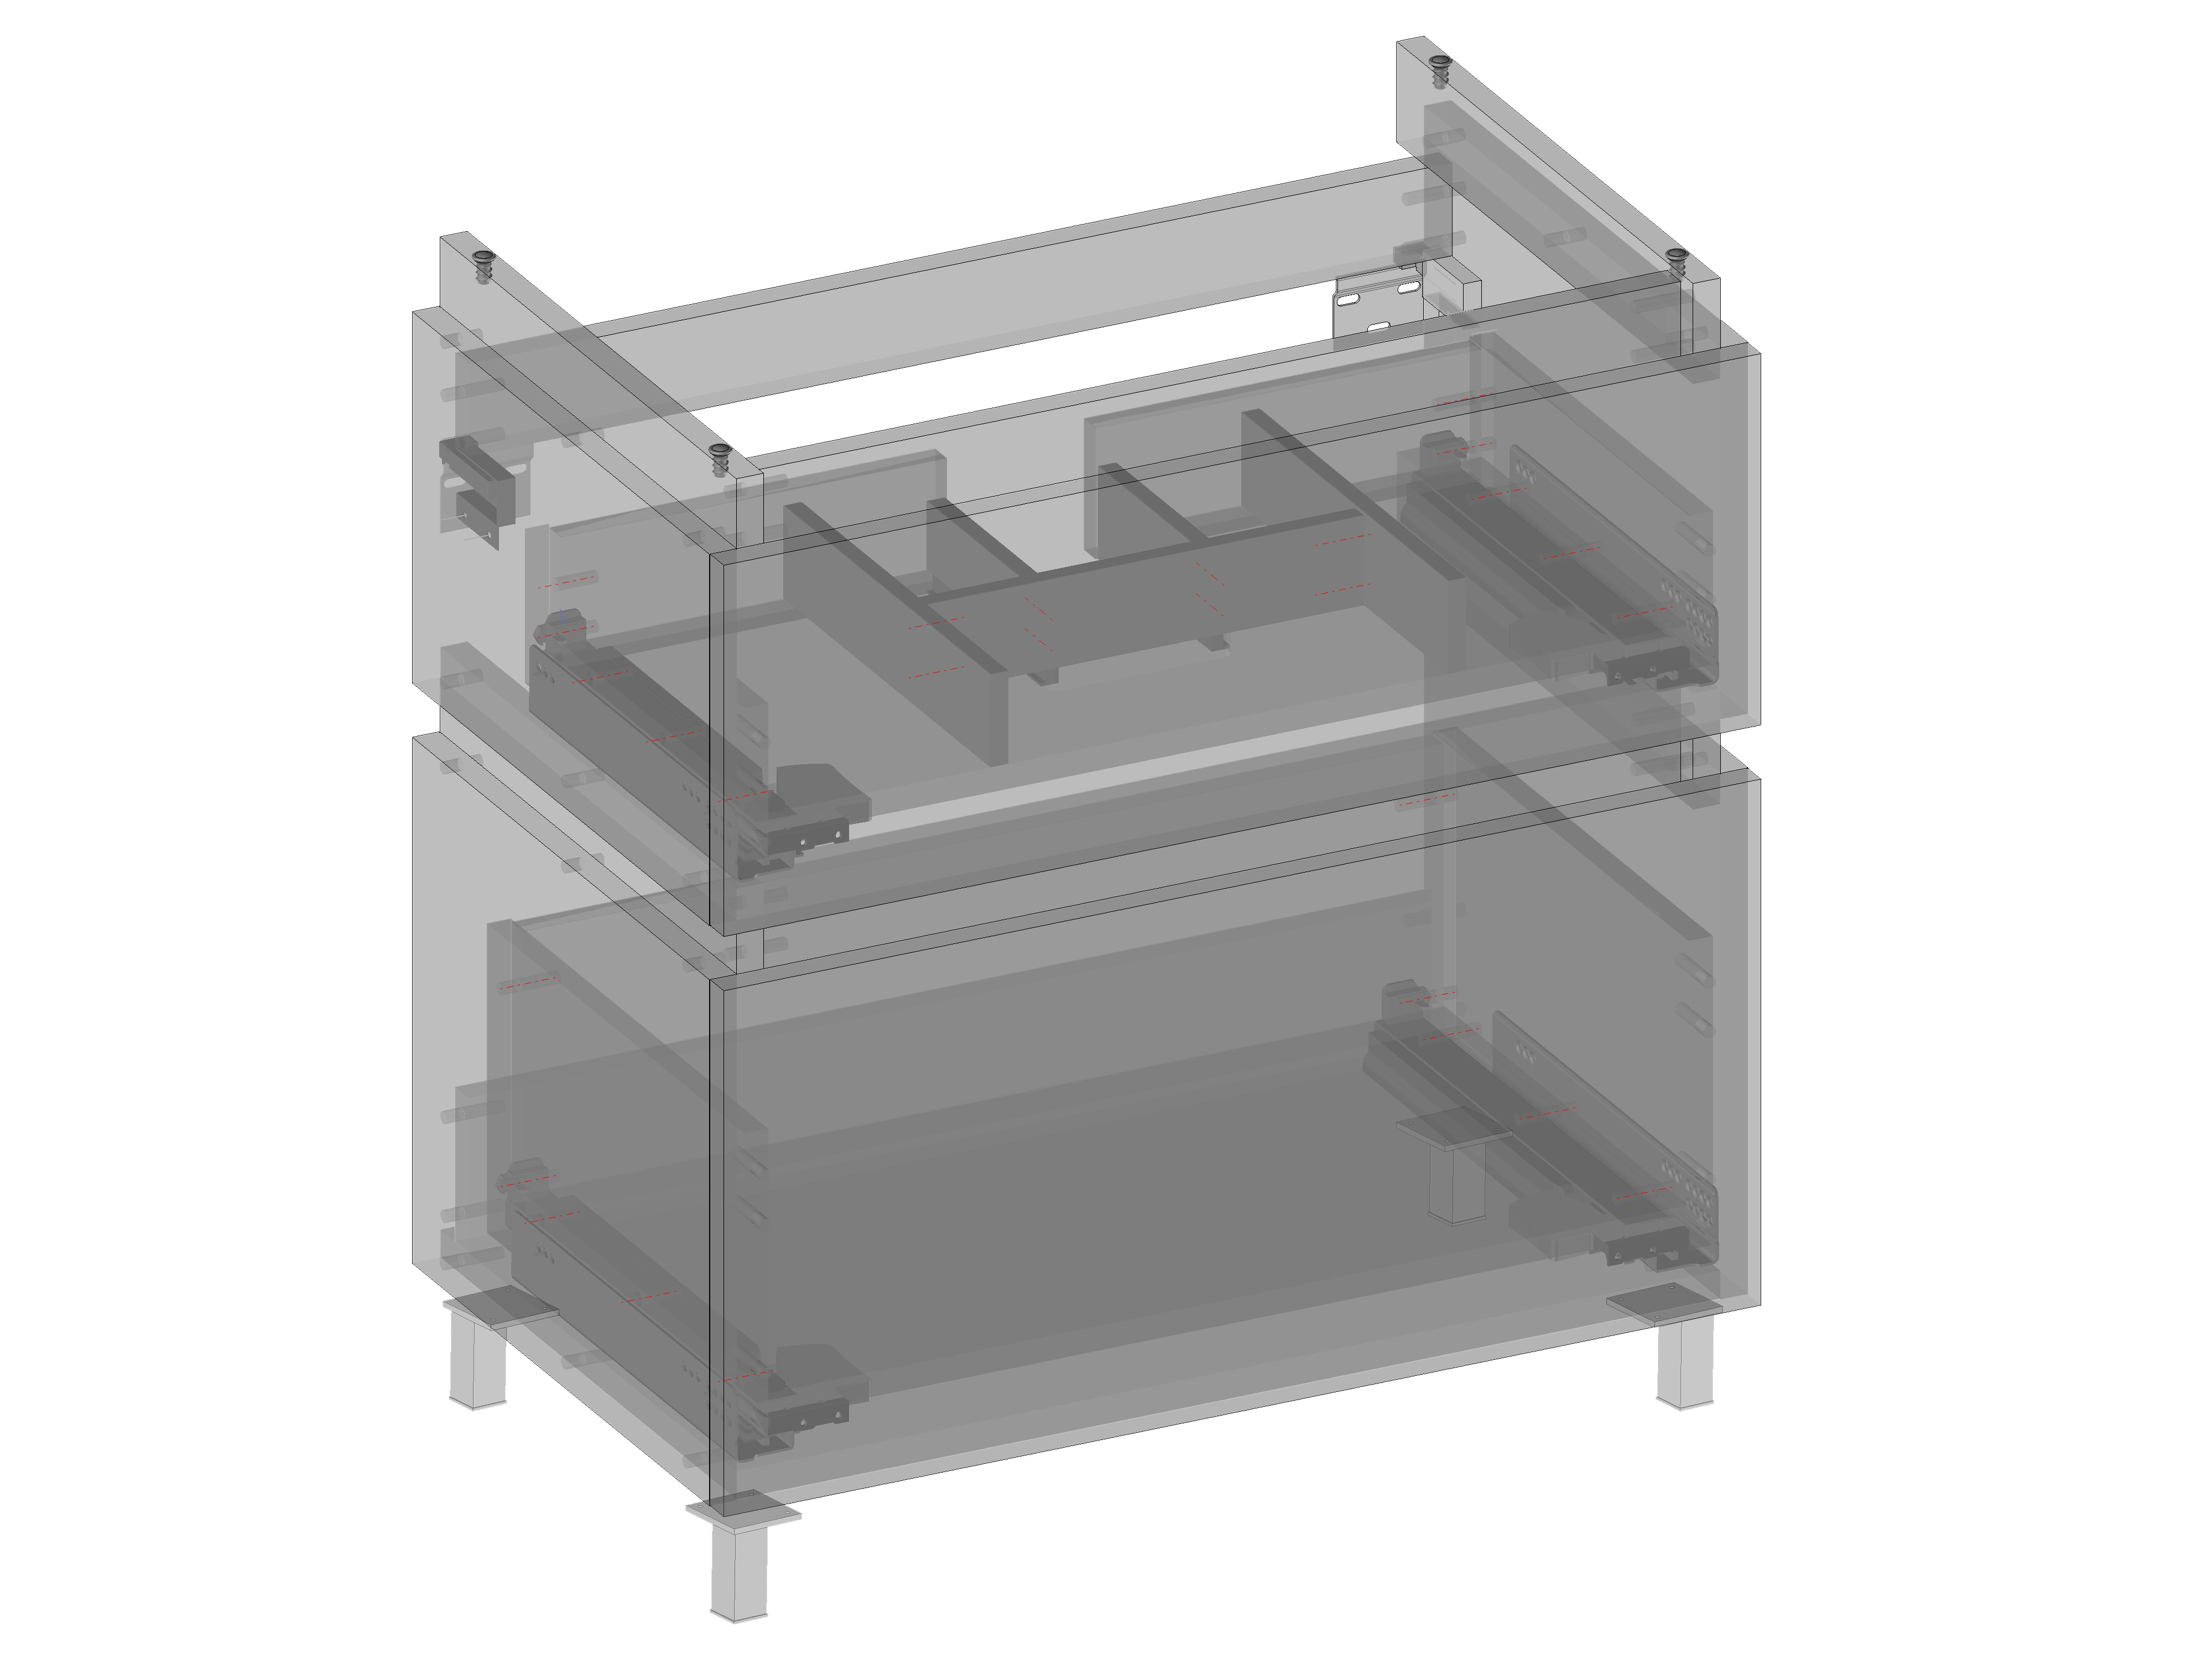 Szafka pod umywalkę Daphne (do postawienia) dwie szuflady, wbudowany organizer w górnej szufladzie